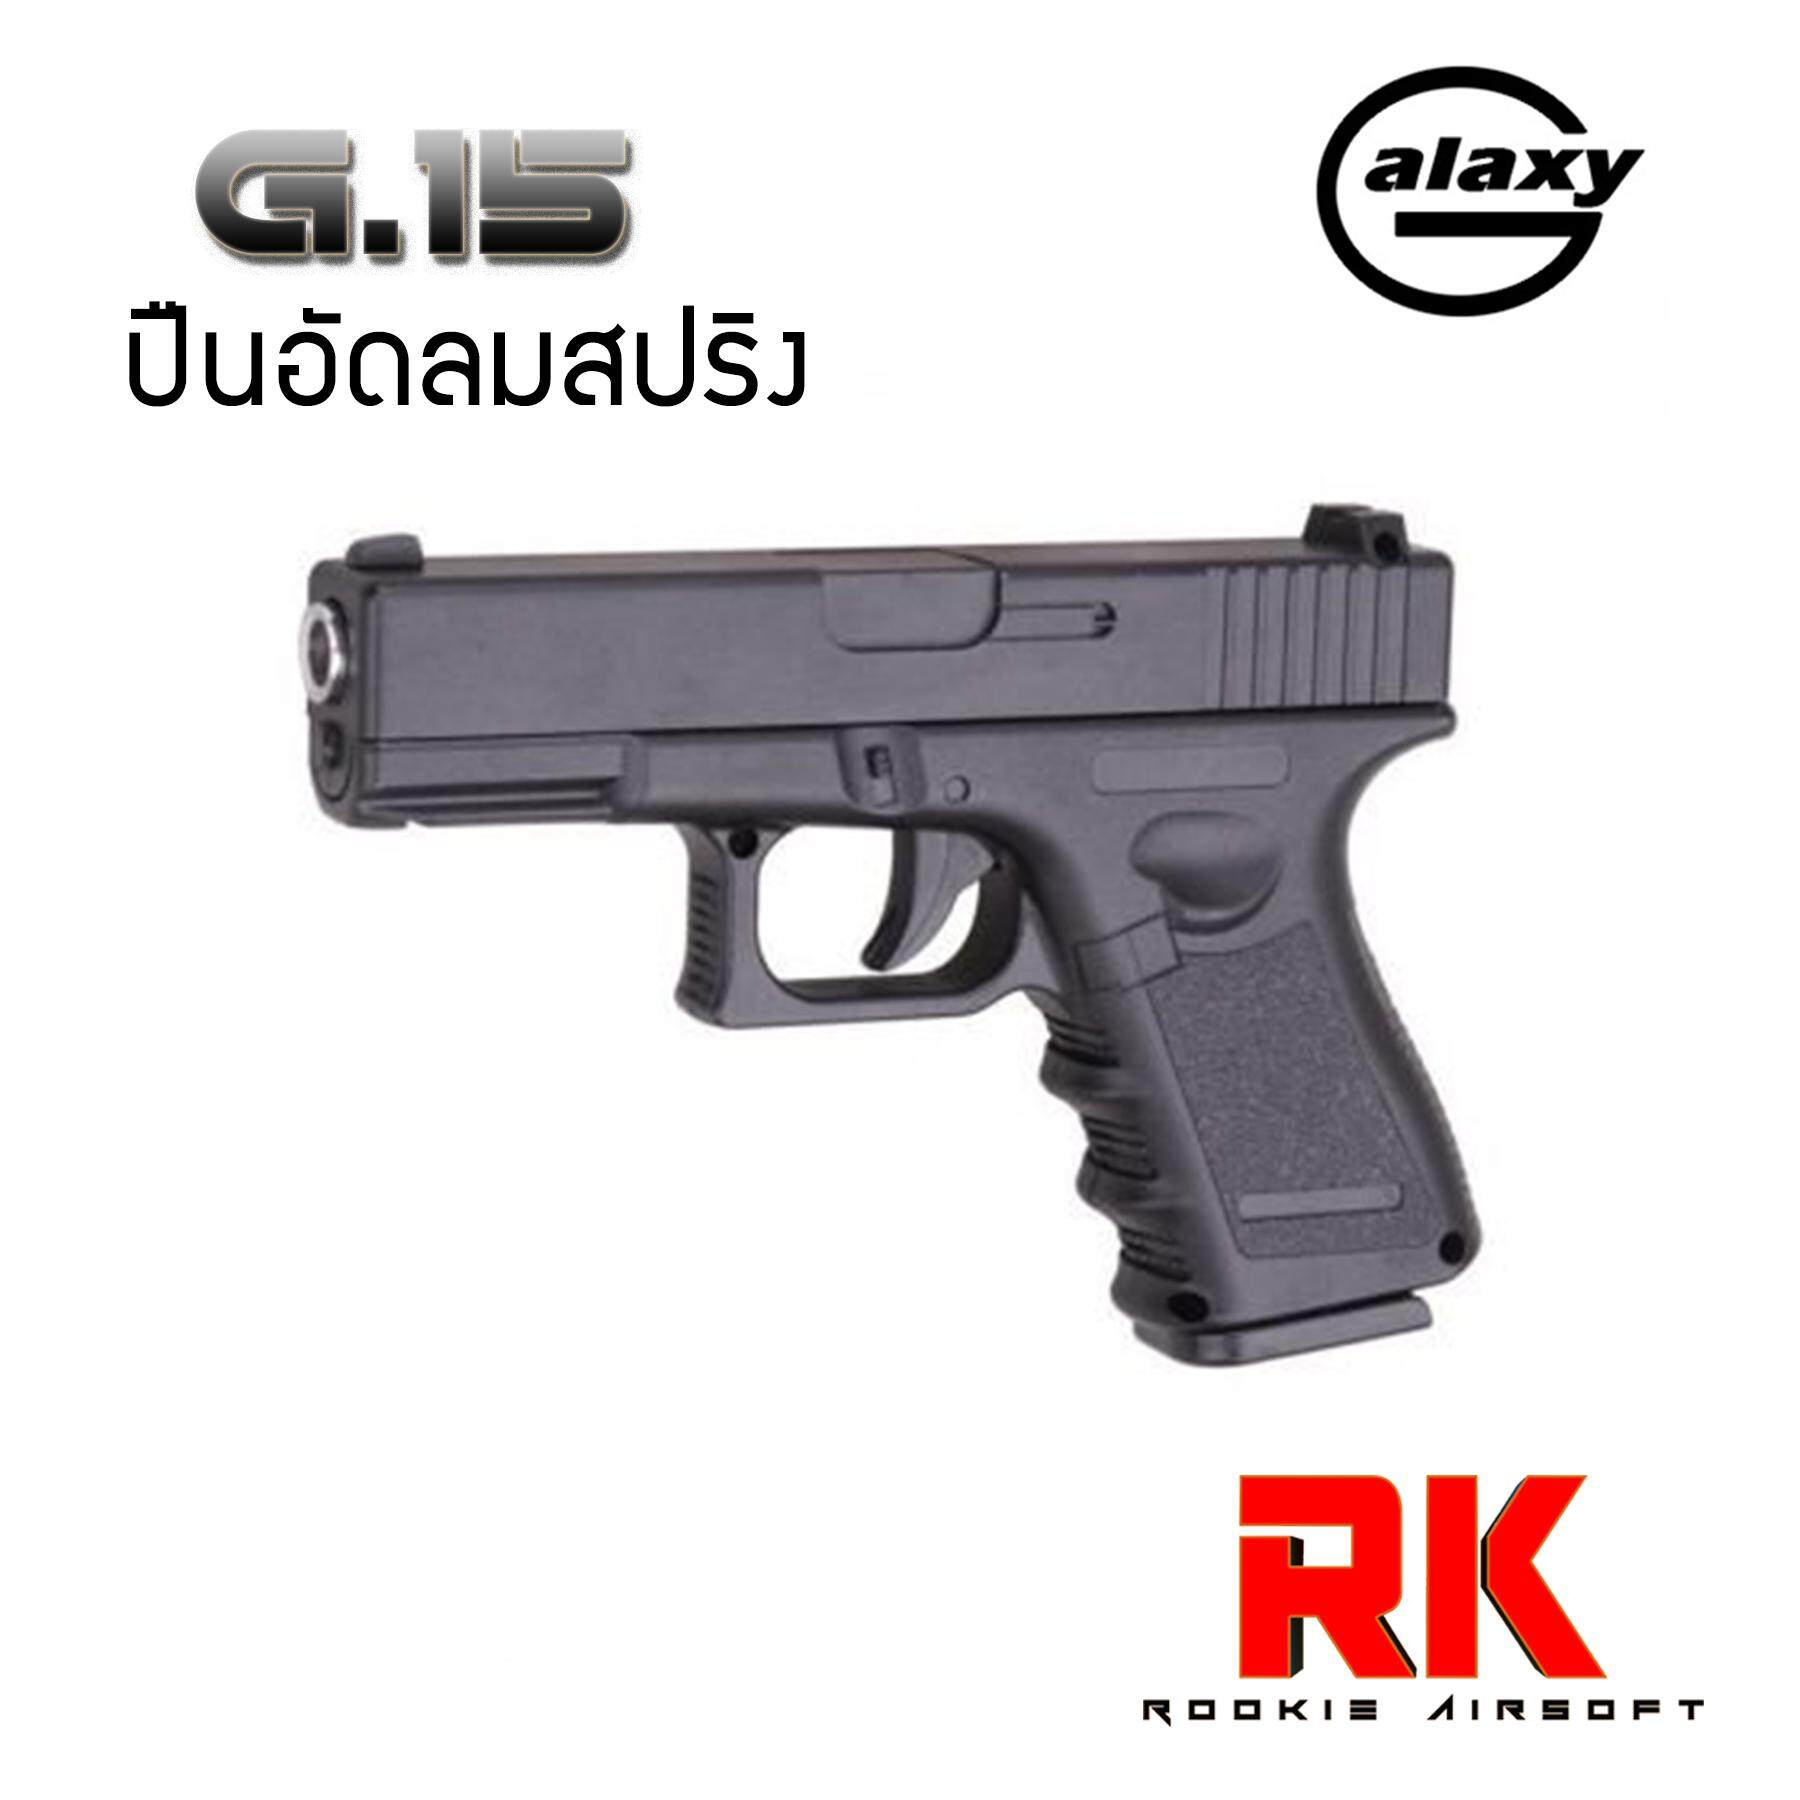 ปืนอัดลมสปริง Galaxy G15 ชักยิงทีละนัด แถมฟรี!! ลูกกระสุน 150 นัด วัสดุทำจากโลหะ สปริงแข็งยิงแรง ทนทาน ปืนของเล่น ปืนบีบีกันโมเดล ส่งไว เก็บเงินปลายทางได้ By Rookie Airsoft.